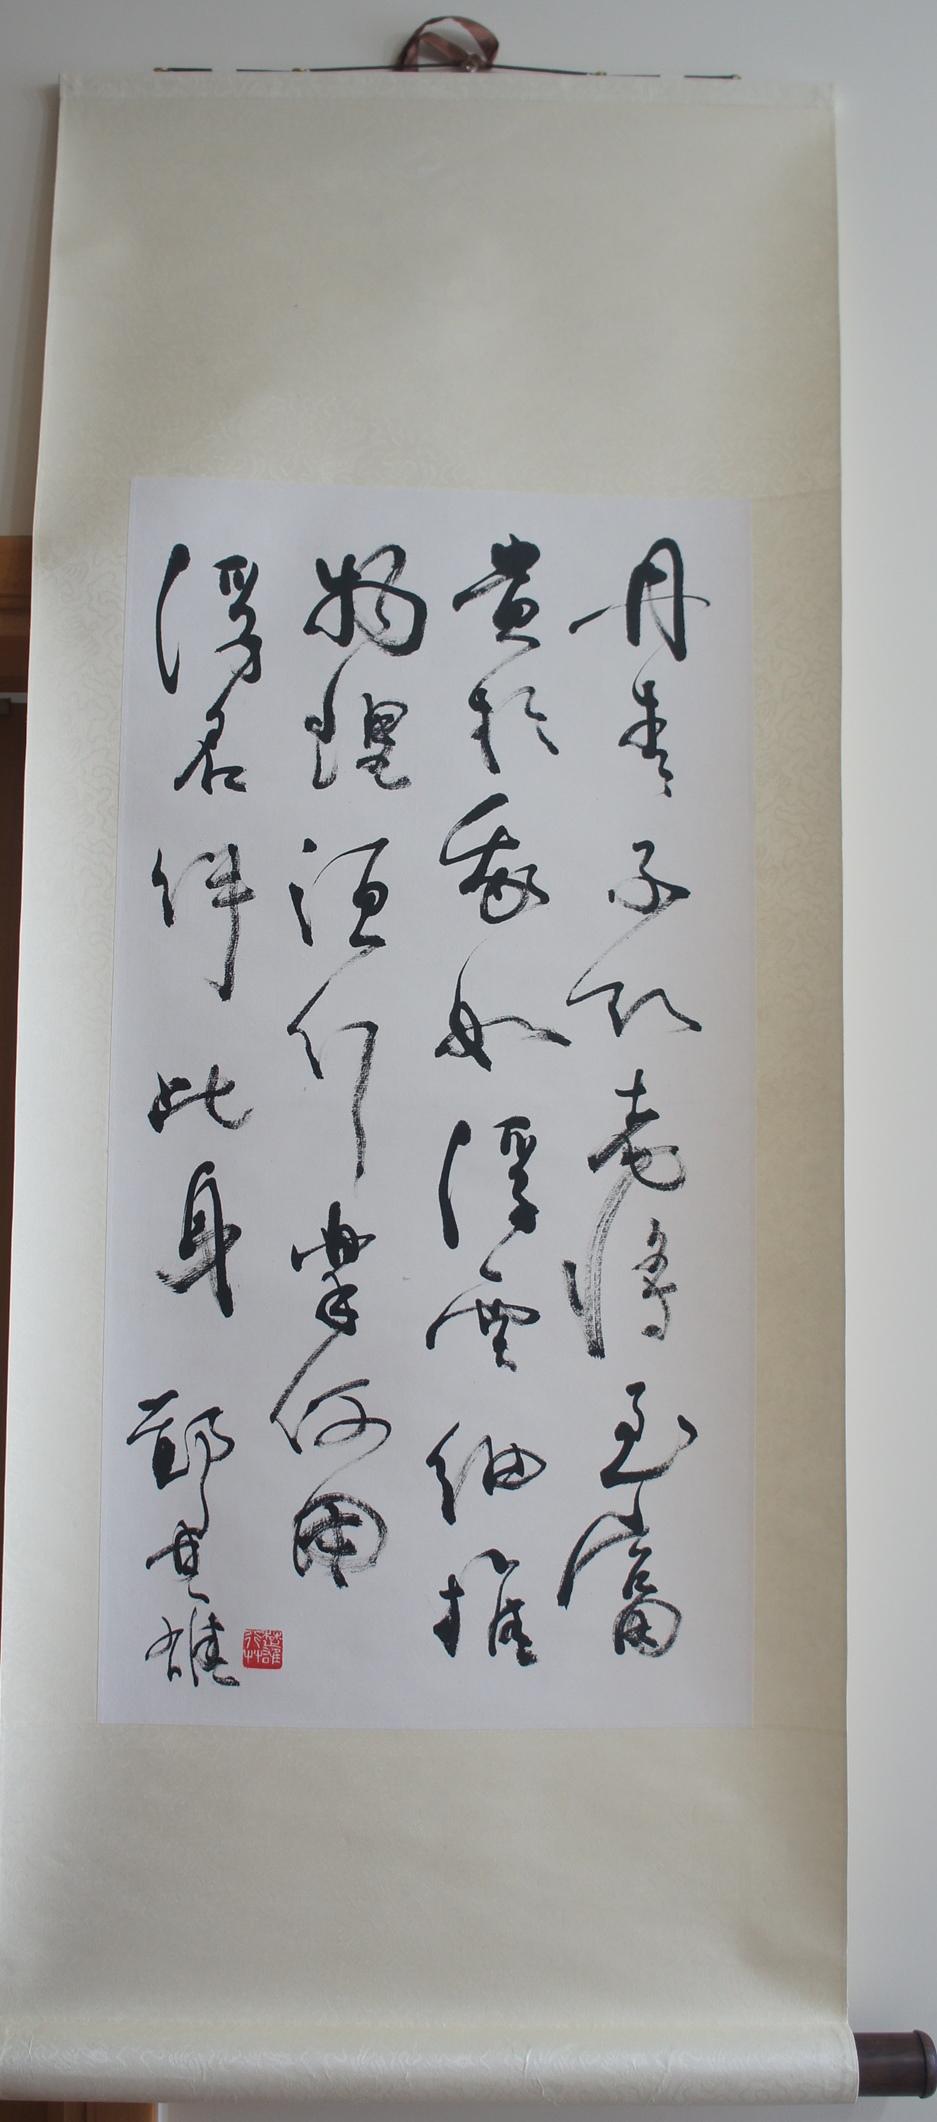 鄭楚雄 書法 丹青不知老將至  杜甫《丹青引贈曹將軍霸》(節錄) (行草立軸 64cm x 36cm)